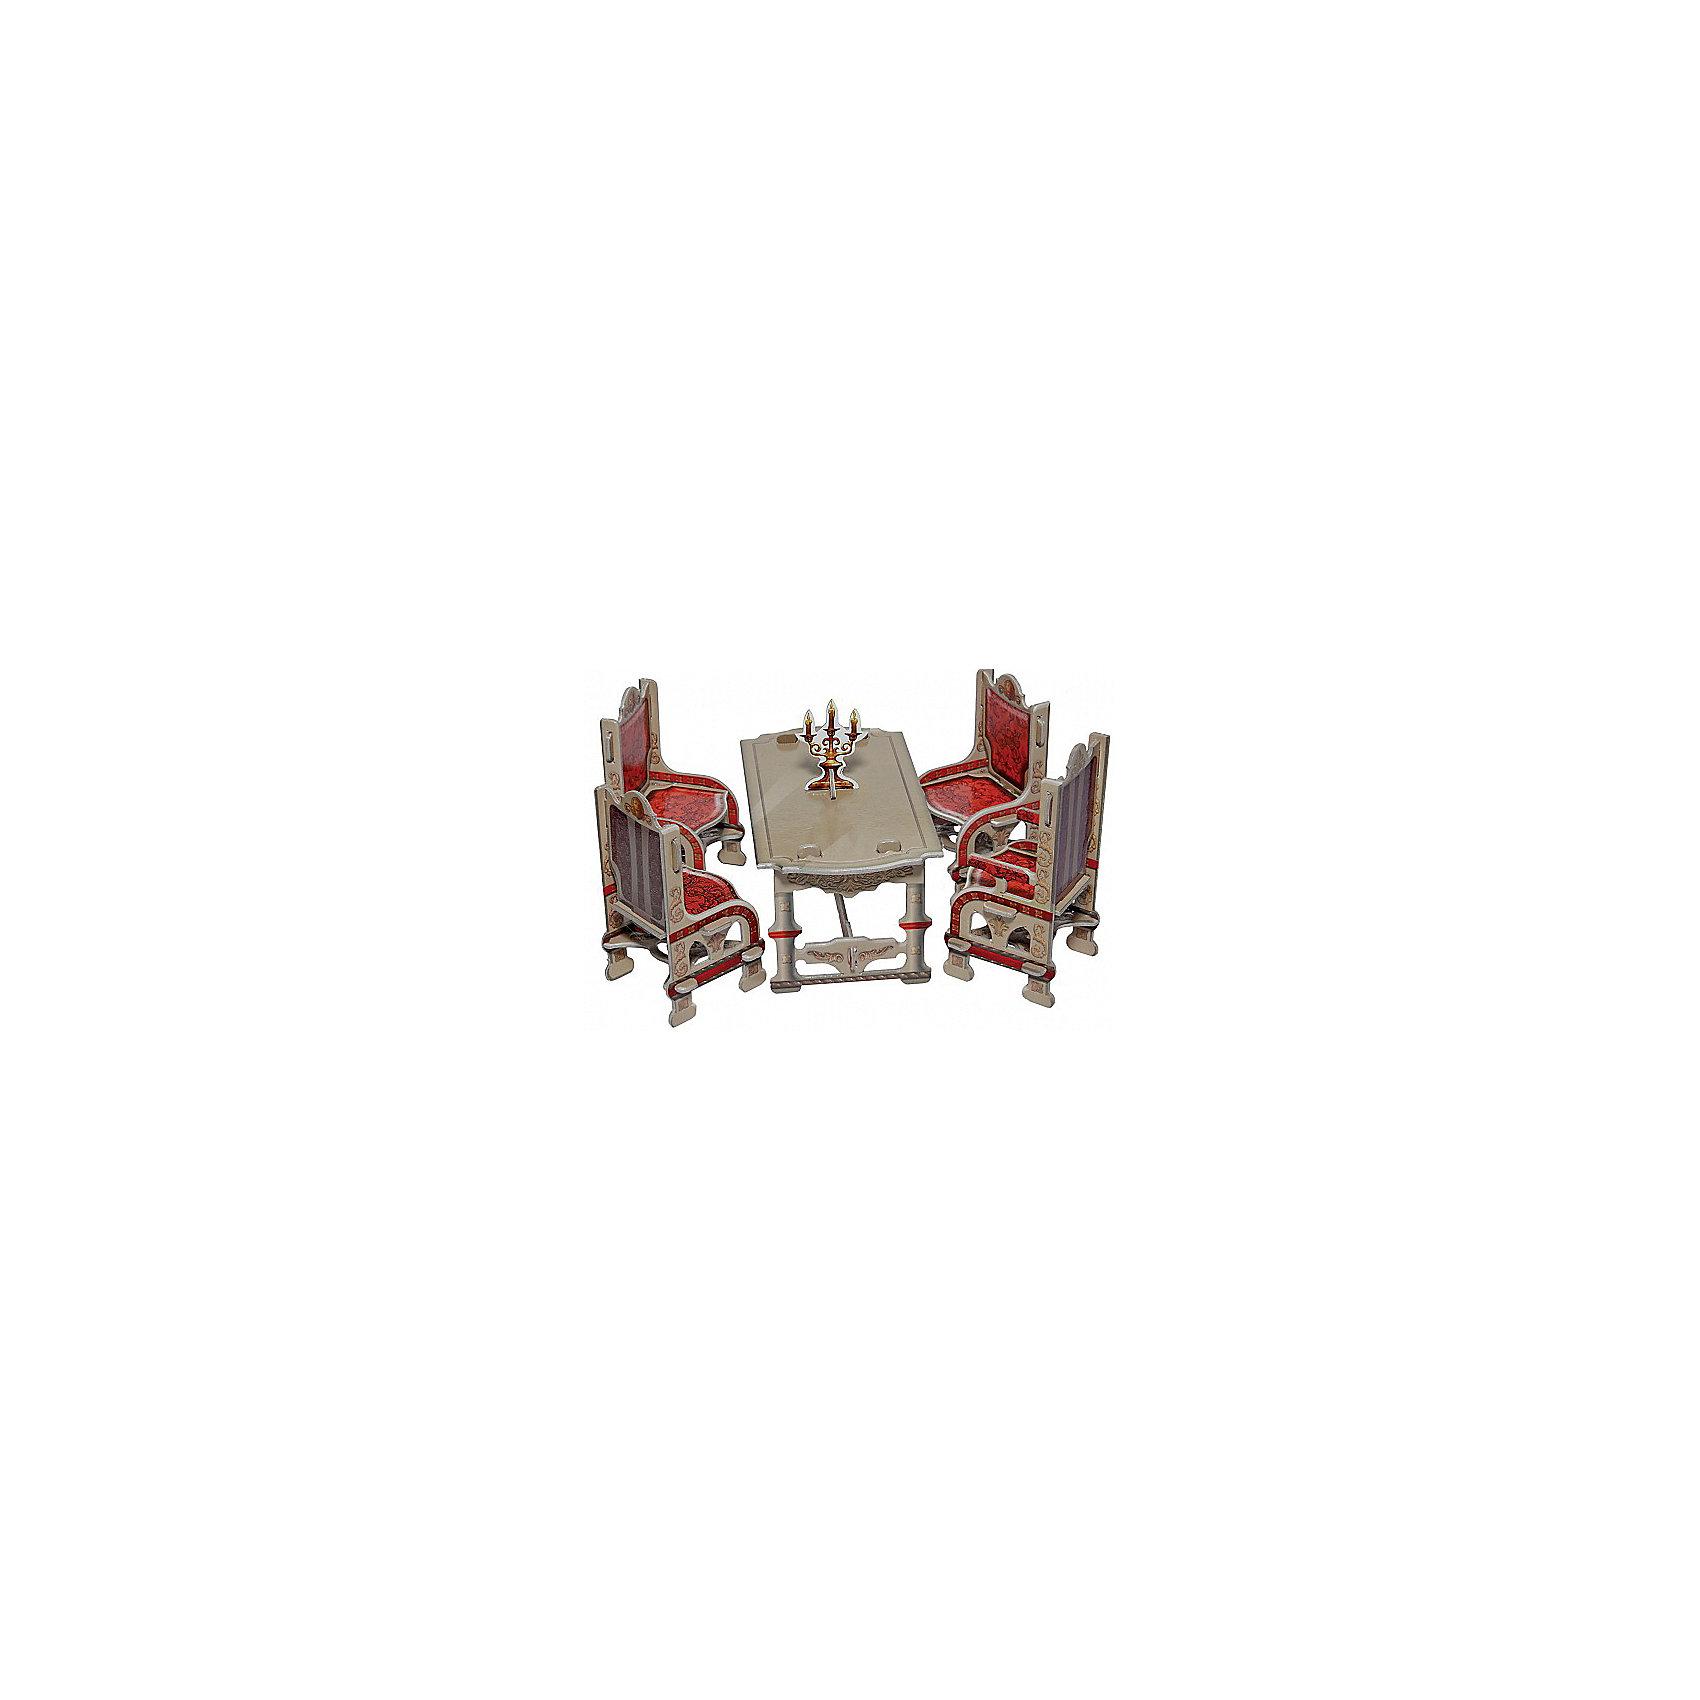 Сборная модель СтоловаяБумажные модели<br>Мебель доступна в двух вариантах - в светлом и темном исполнении. В комплект, кроме обеденного стола, входят три стула и кресло. Кресло отличается высокой спинкой. Интересное дополнение - подсвечник. В наборе есть все для самостоятельной сборки столовой. Нет необходимости при подготовке вырезать детали. Детали соединяются друг с другом без клея. После сборки набор можно использовать для игры. Конструкция достаточно прочна и стабильна. Набор отличается простой и понятной сборкой. Его можно смело рекомендовать детям, которые не имеют опыта сборки наших игрушек.<br><br>Количество деталей: 26.<br>Сложность сборки: 1.<br>Размер стола: 7x12x6,5 см.<br>Размер стула: 5x5x9 см.<br>Размер кресла: 5x5x10 см.<br>Материал: переплетный картон.<br><br>Ширина мм: 175<br>Глубина мм: 5<br>Высота мм: 245<br>Вес г: 64<br>Возраст от месяцев: 60<br>Возраст до месяцев: 2147483647<br>Пол: Унисекс<br>Возраст: Детский<br>SKU: 4807393